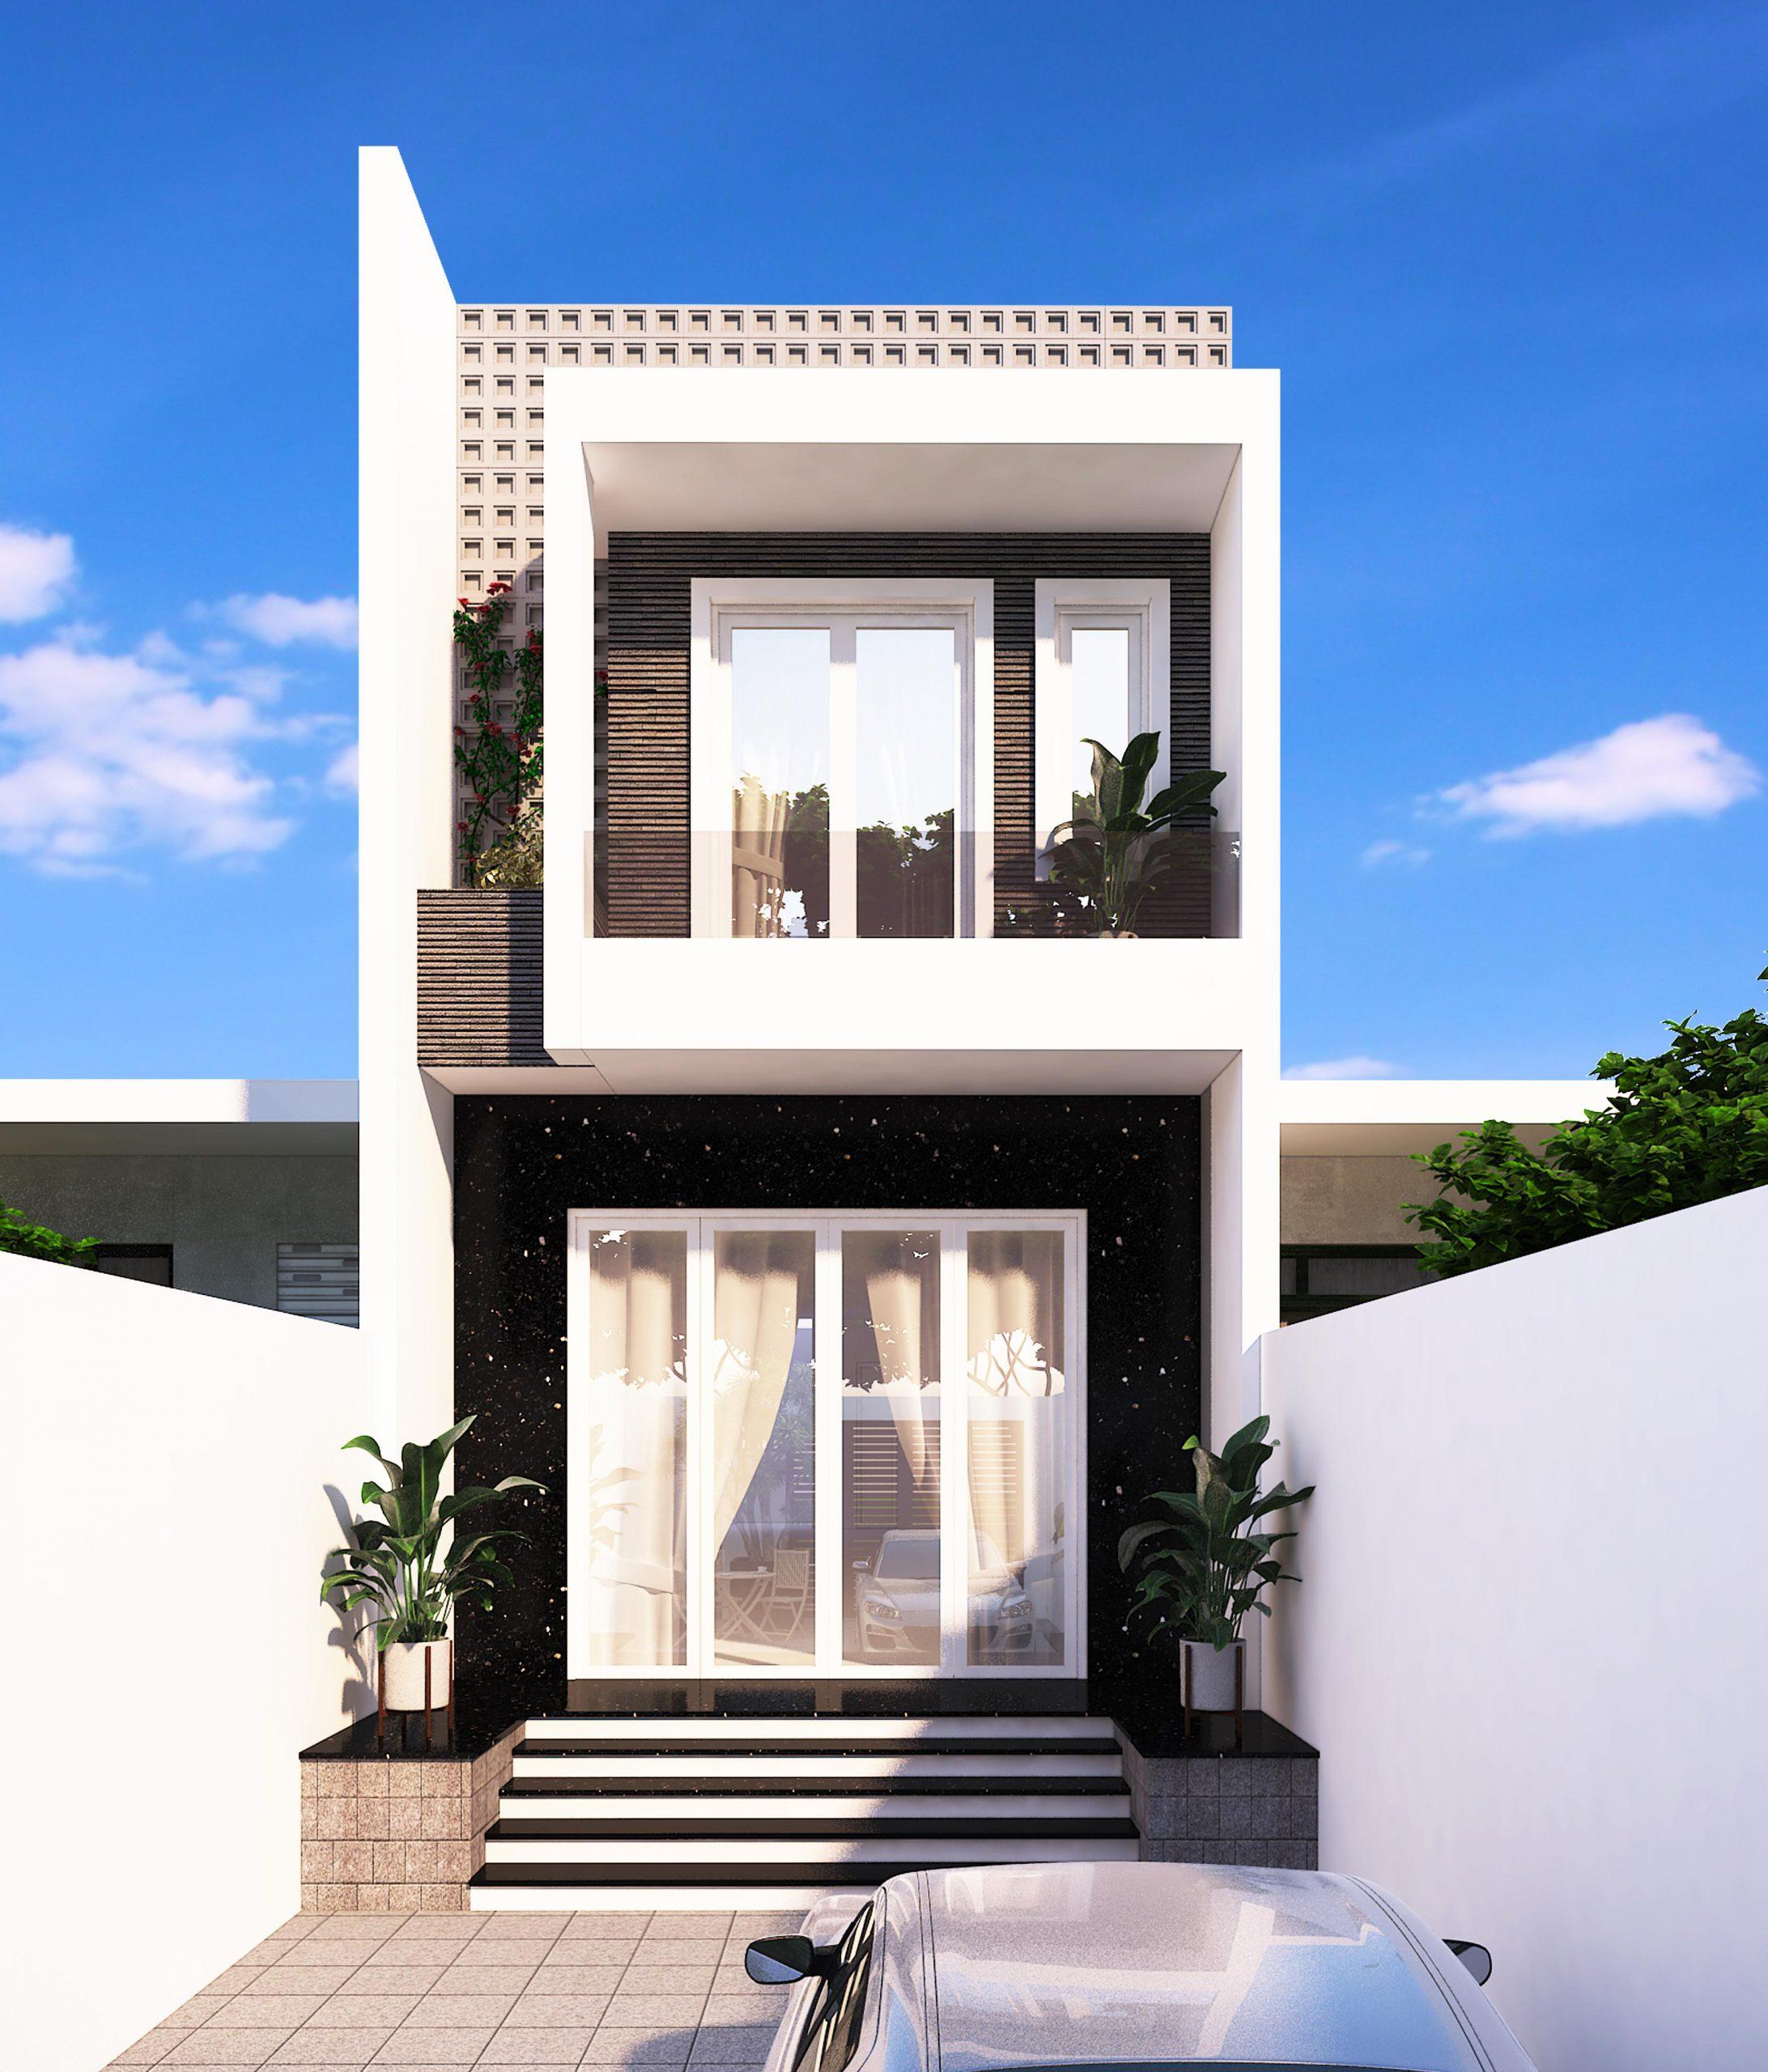 baeec8d5fca906f75fb8 scaled 15+ mẫu nhà 2 3 4 5 tầng mặt tiền 4m trở lên đẹp sang tiện nghi từ khách VinaTrends đã xây dựng